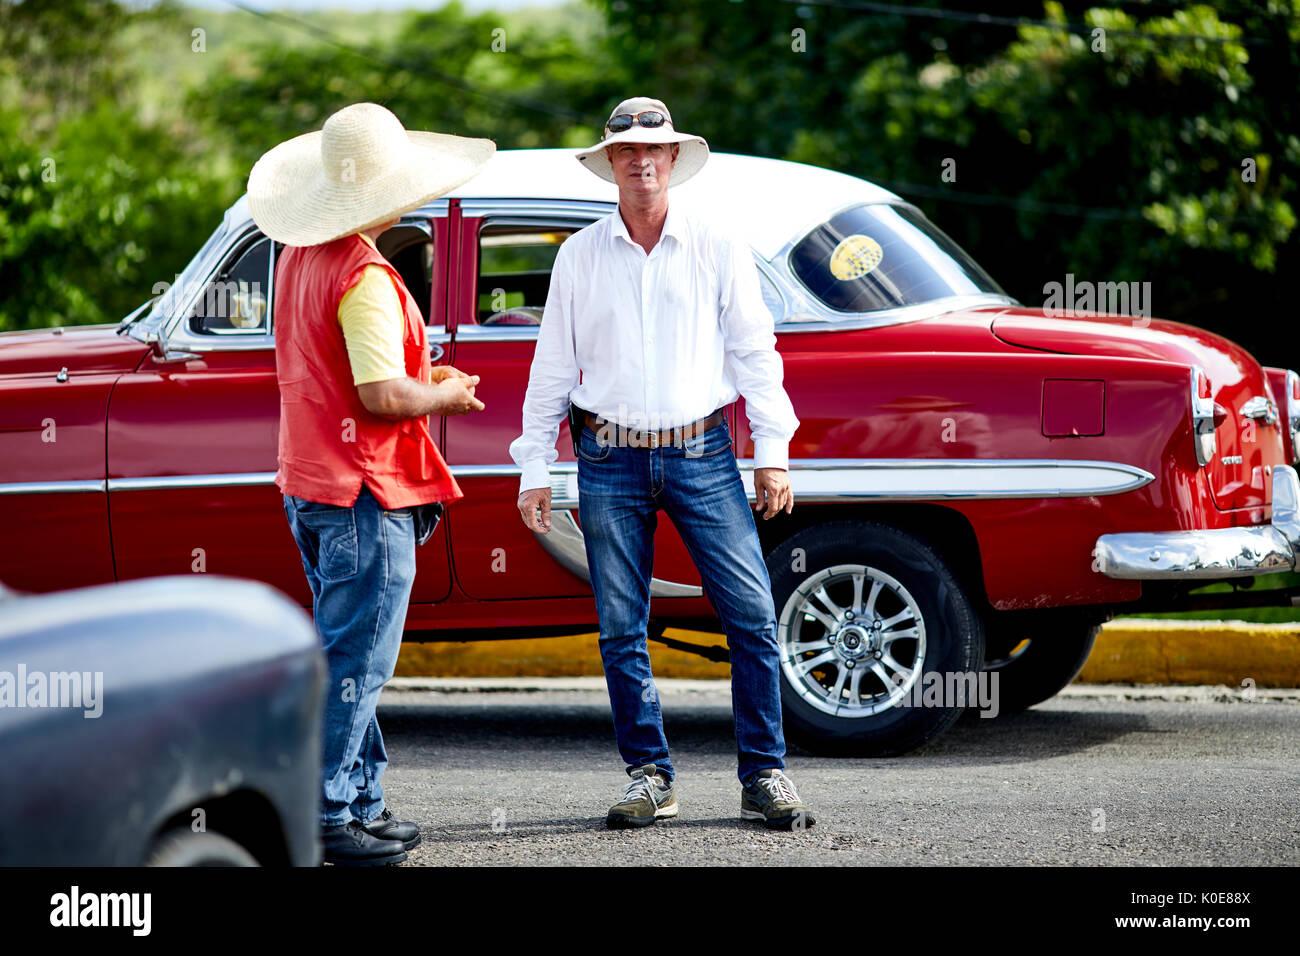 Cuban parking attendant with classic American car at  Bacunayagua Bridge, Cuba near Matanzas, Cuba, Caribbean island nation under communist rule - Stock Image